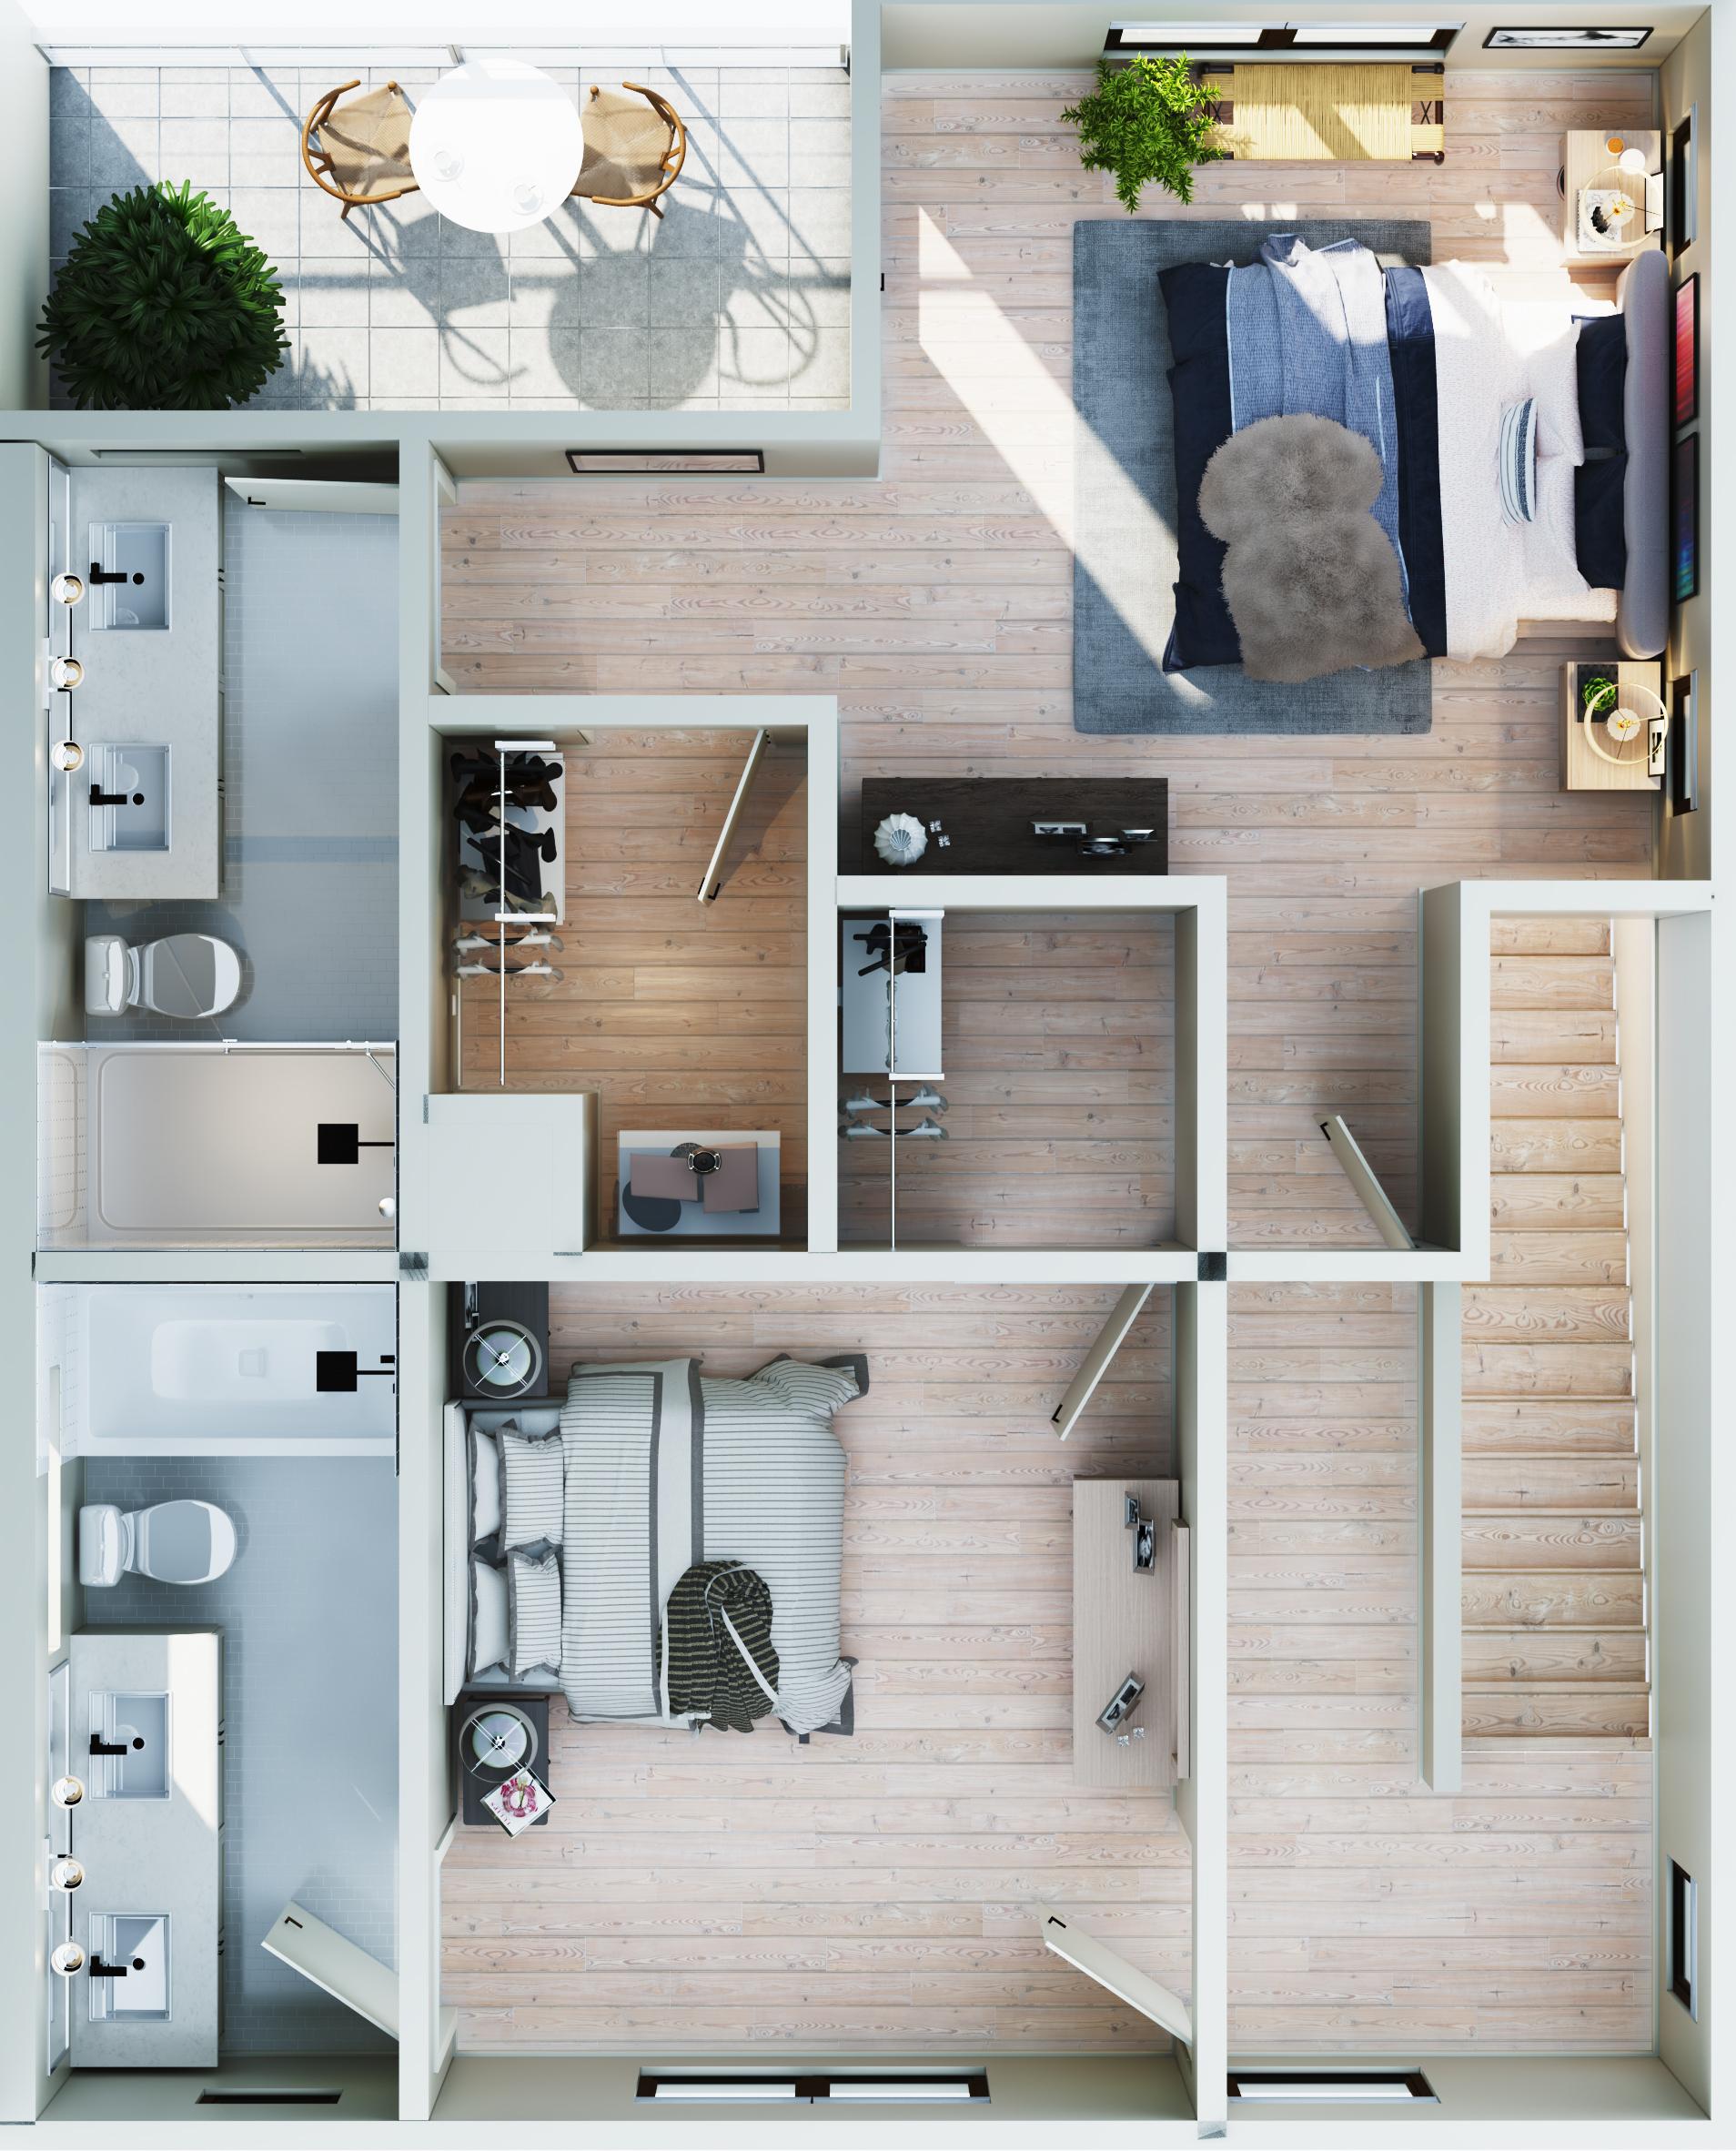 BA_Septima + Farmer_Town Homes_Master Bedroom Floor Plan_V1_04.jpg